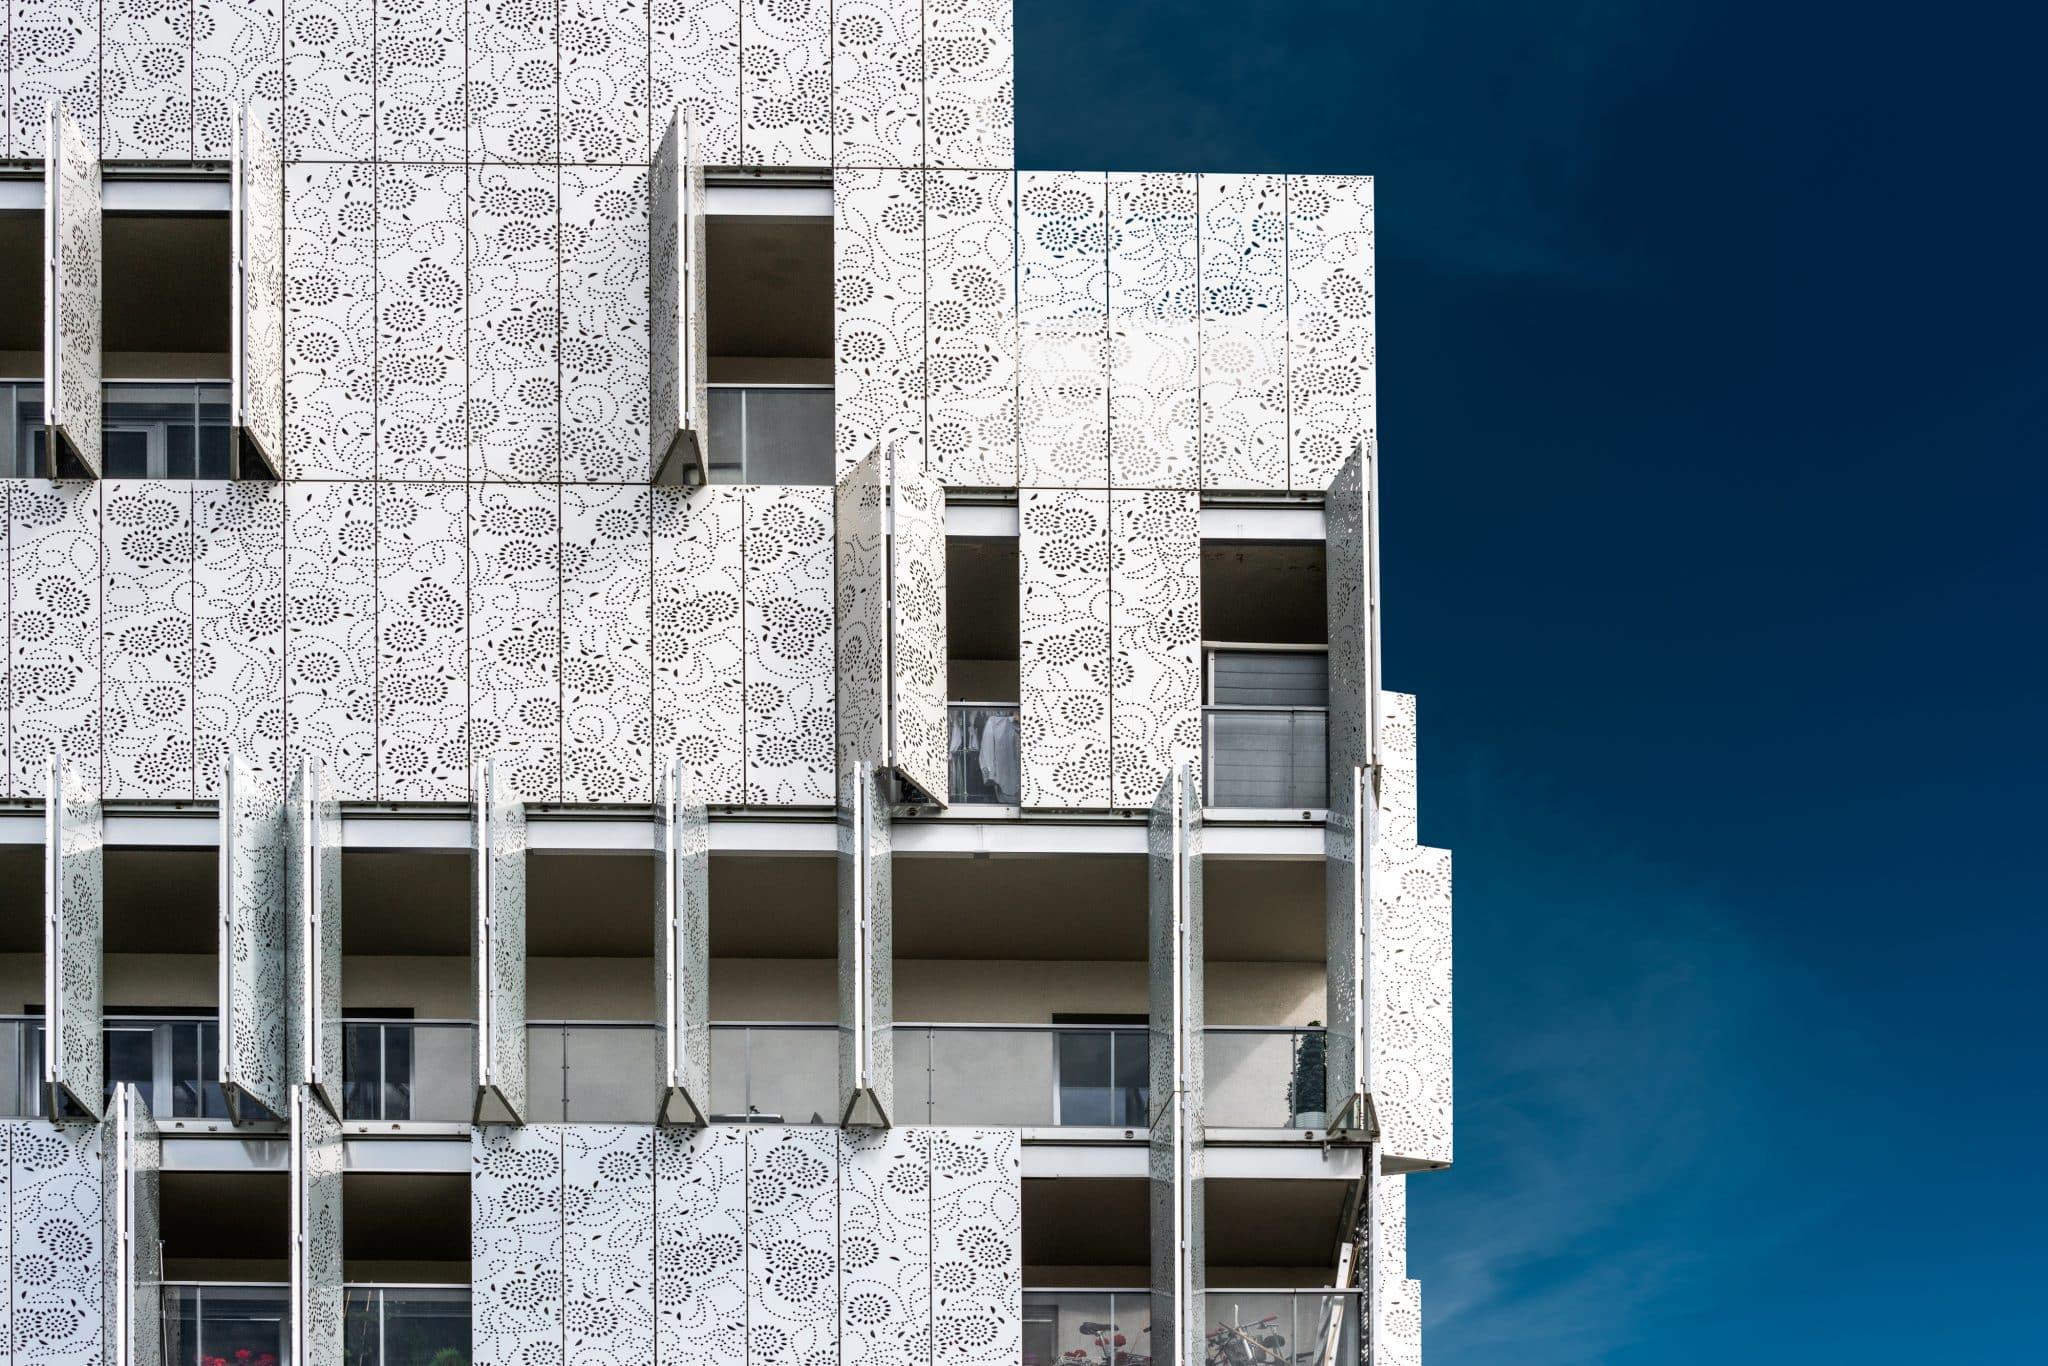 Logements à Paris en ile-de-france - Michael Bouton - Photographe Architecture